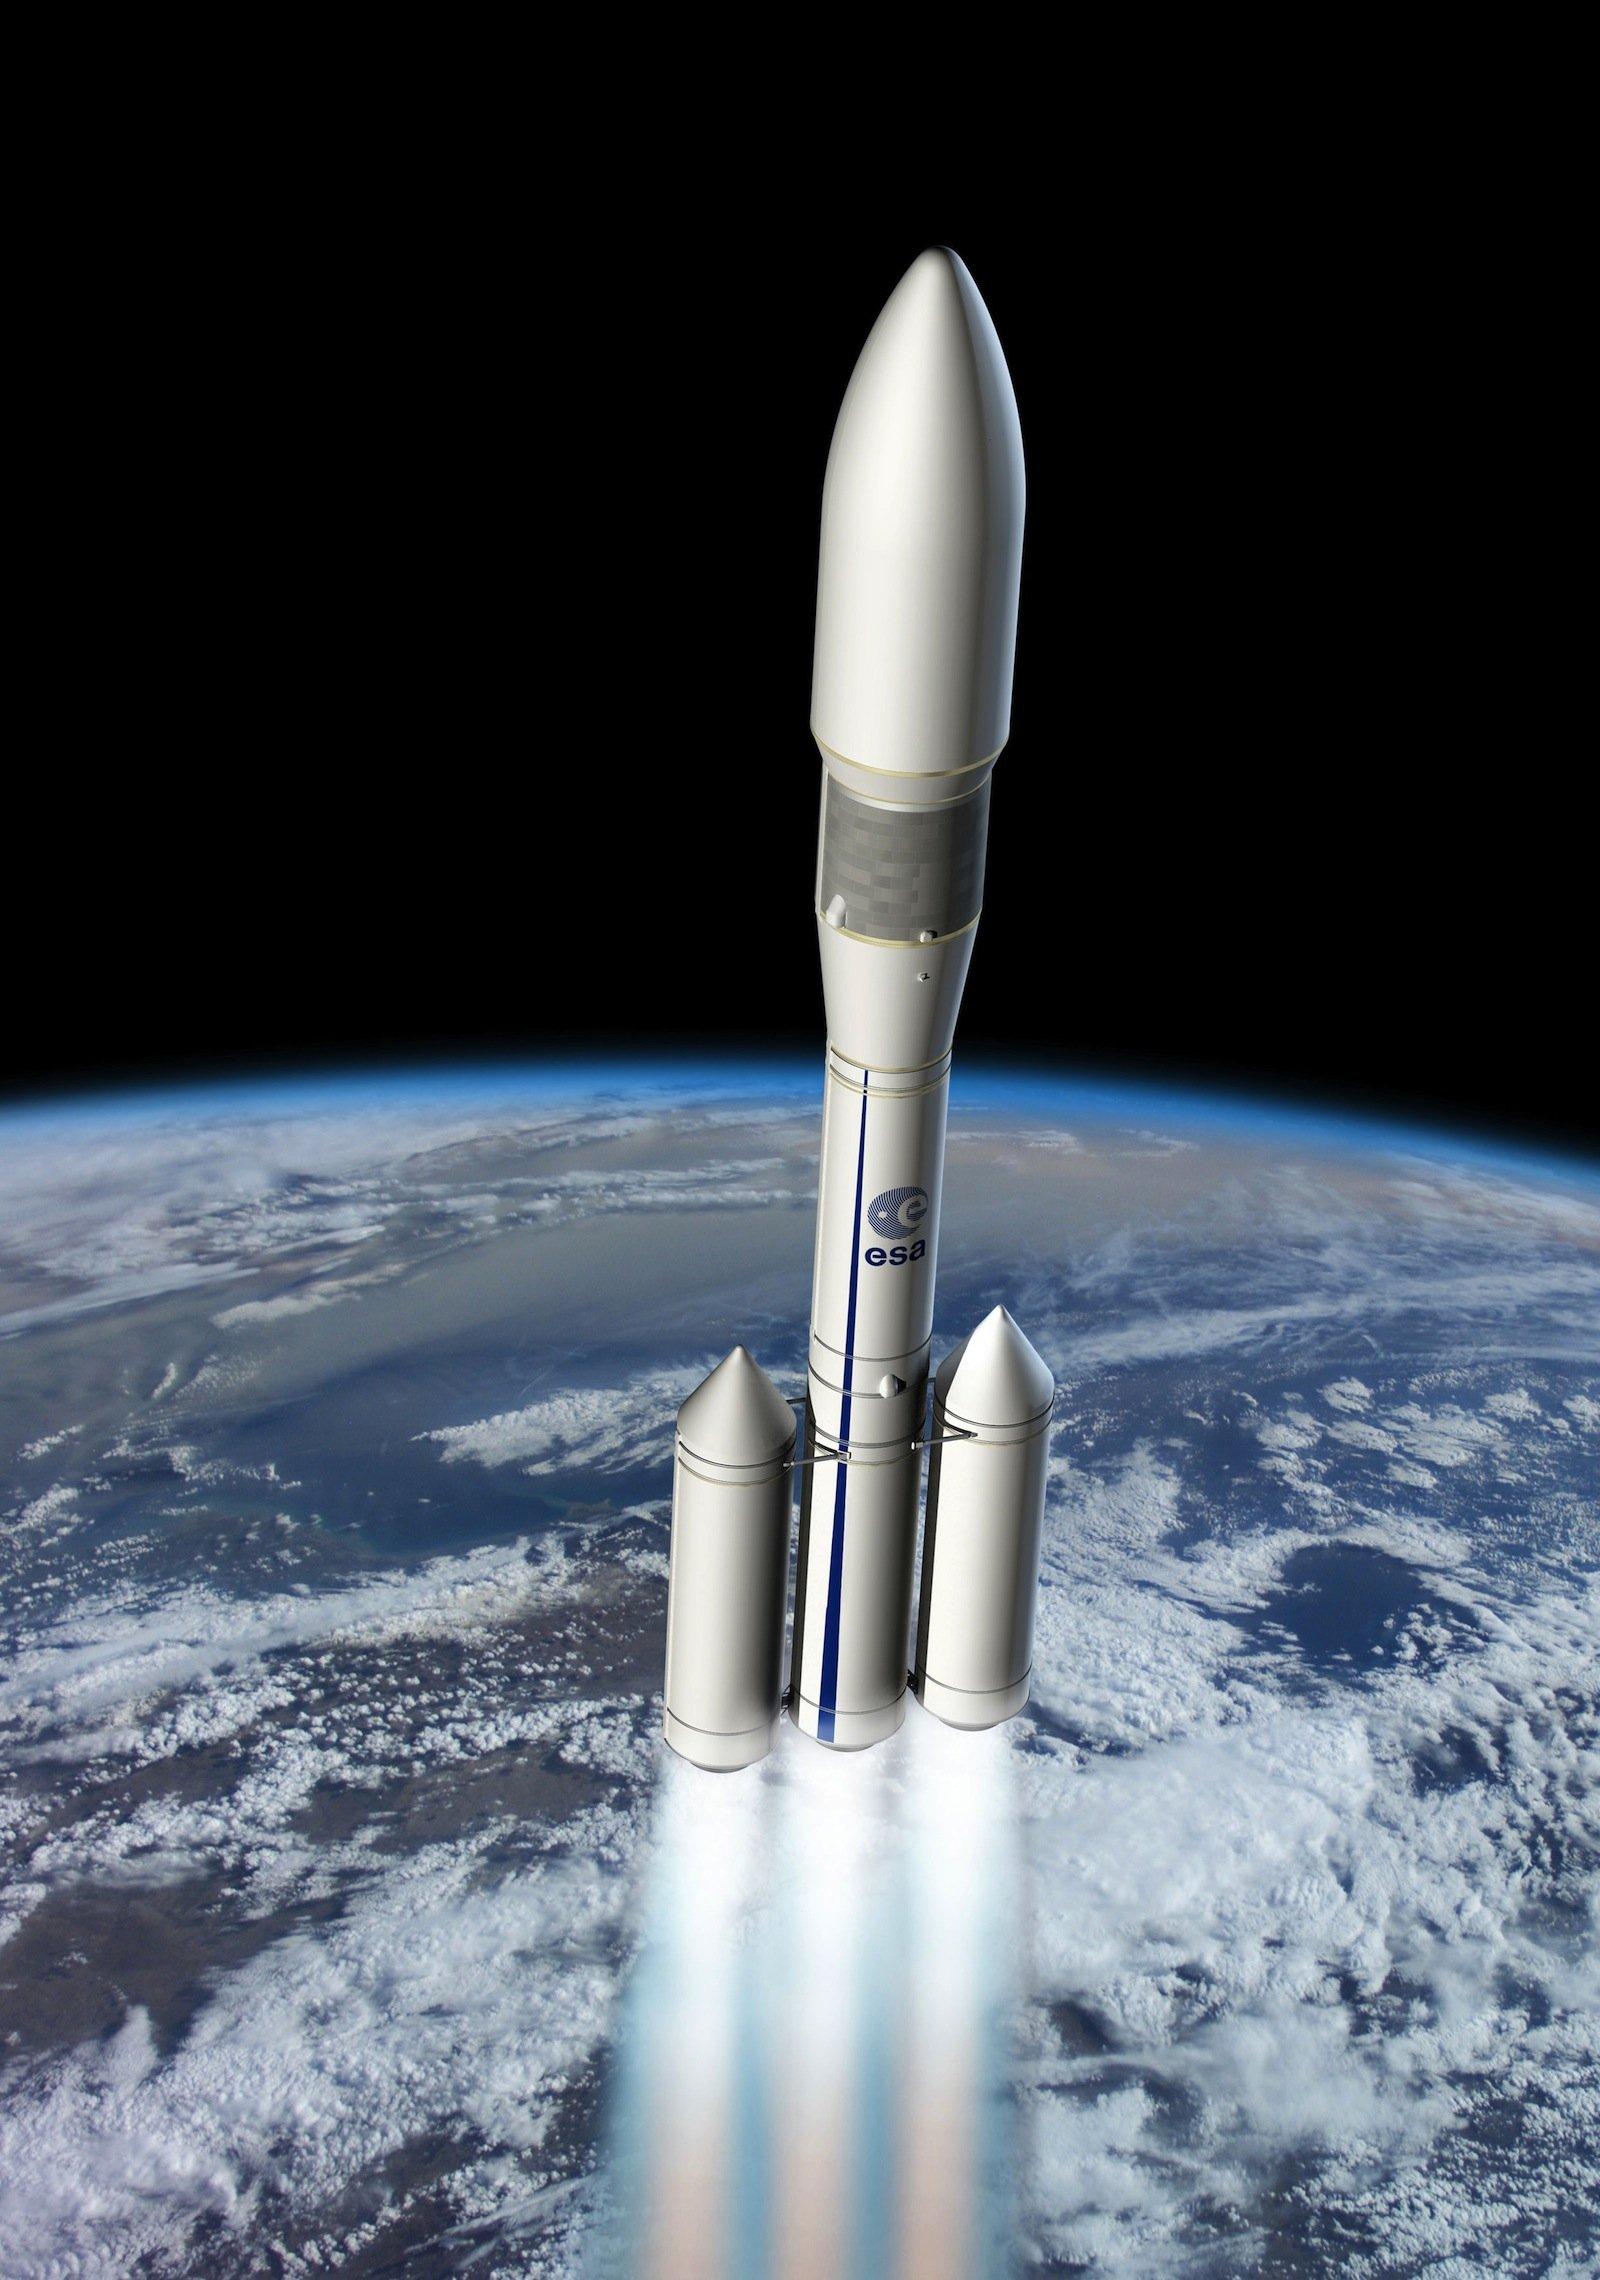 Künstlerischere Darstellung Ariane 6: Sie soll aus bereits bestehenden Komponenten zusammengesetzt werden.